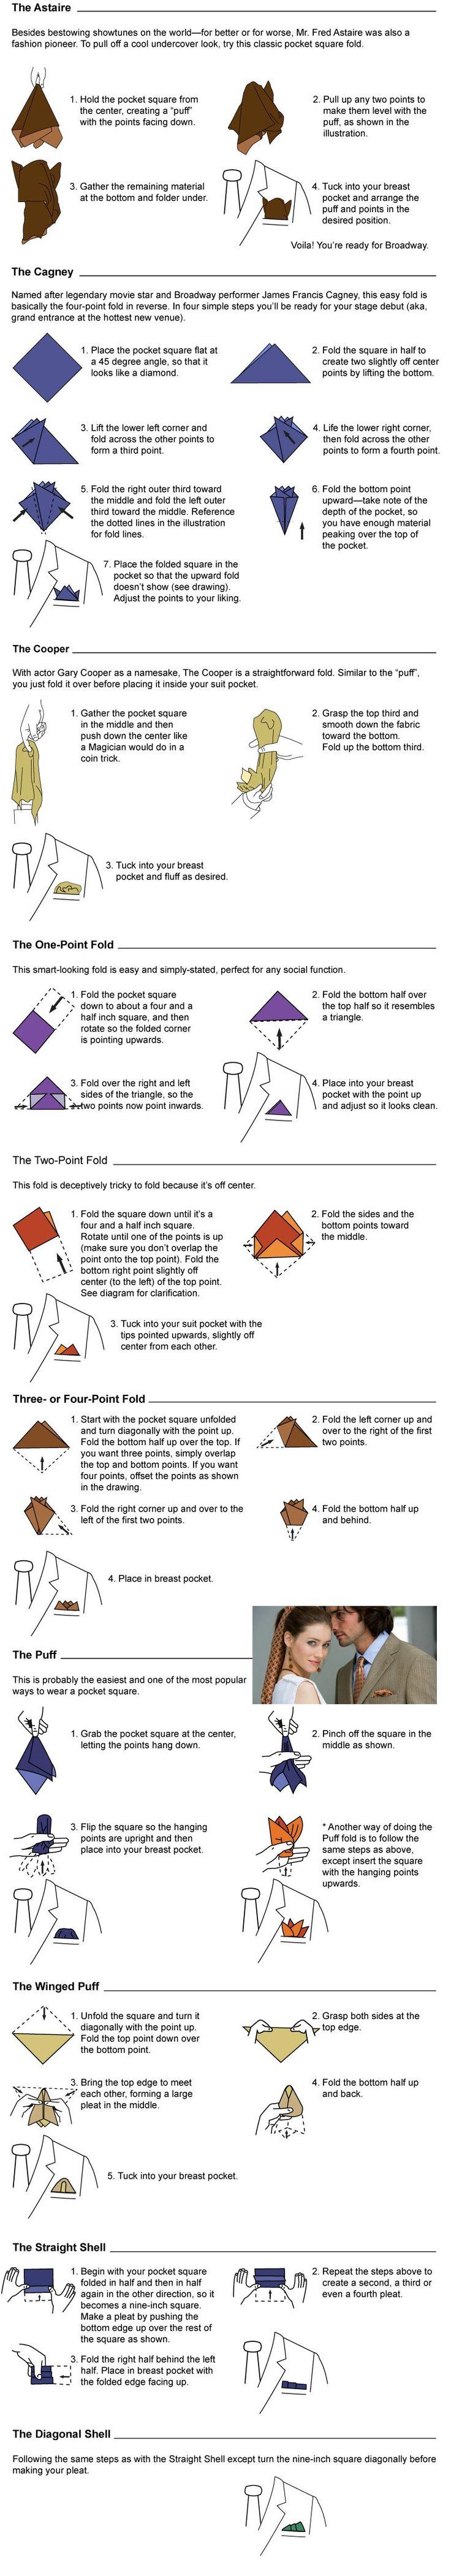 Handkerchief guide.